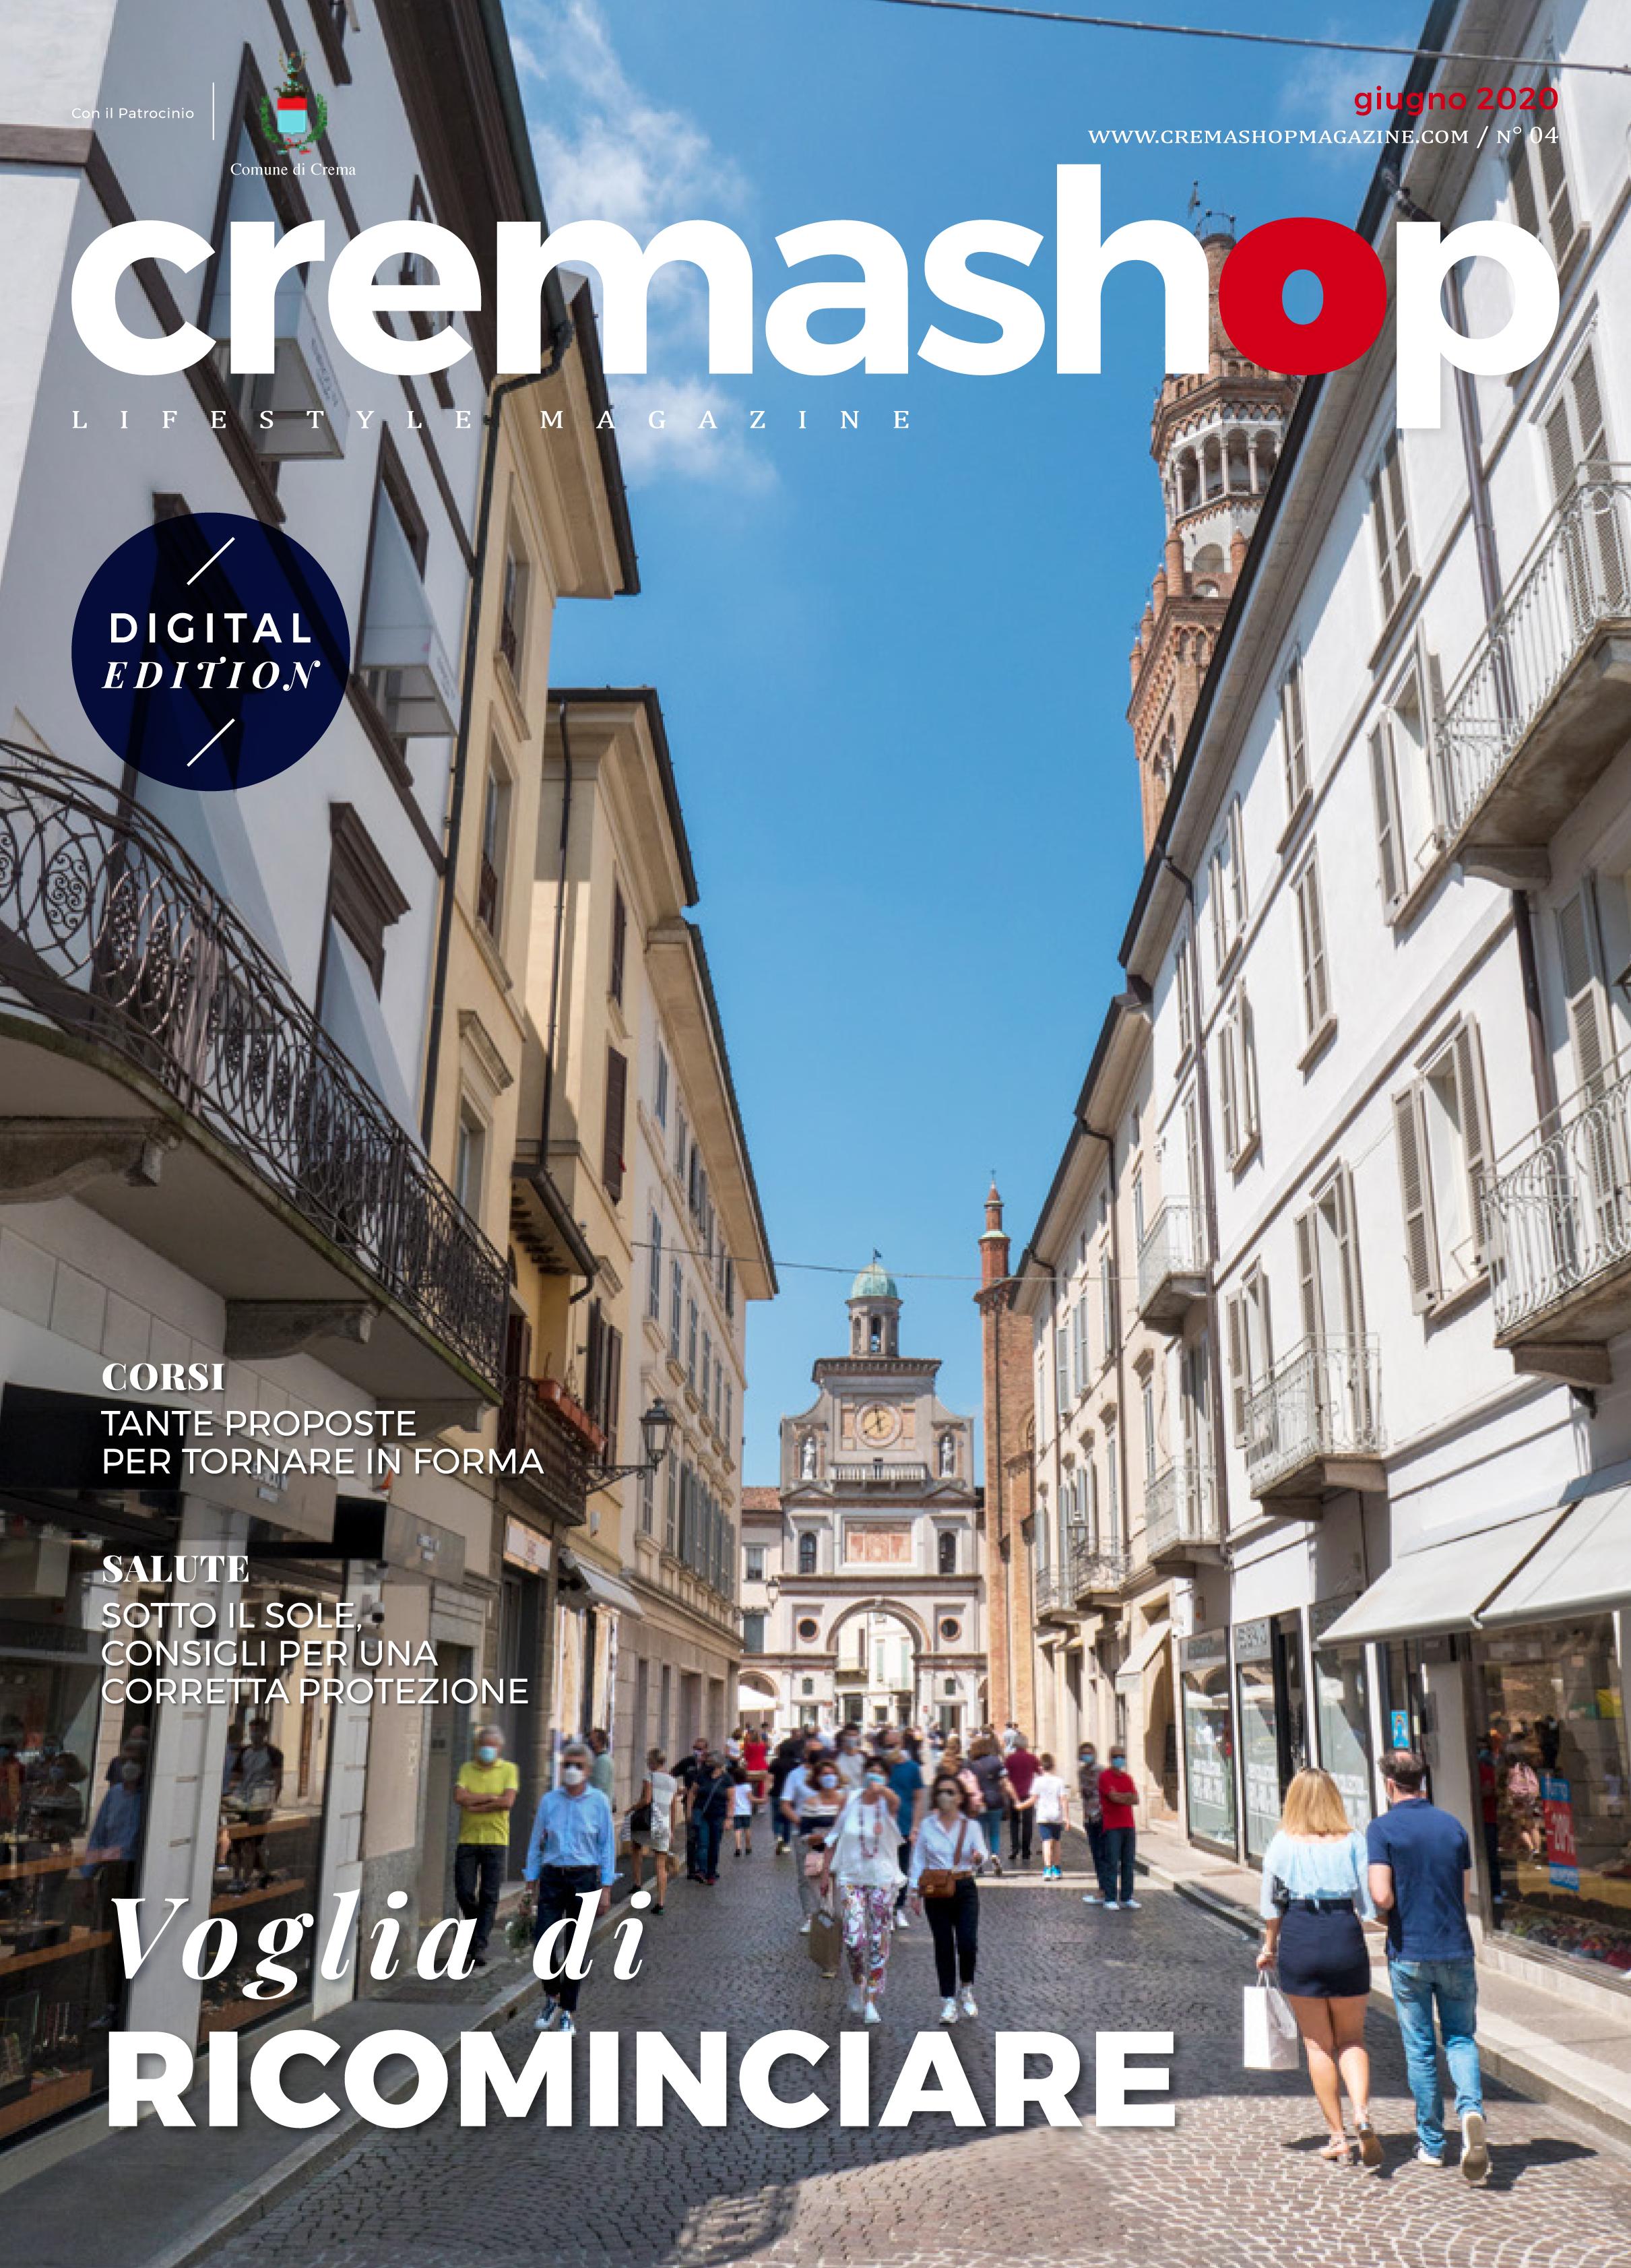 Cremashop Magazine Crema Negozi commercio commerciali riapertura aperture cultura